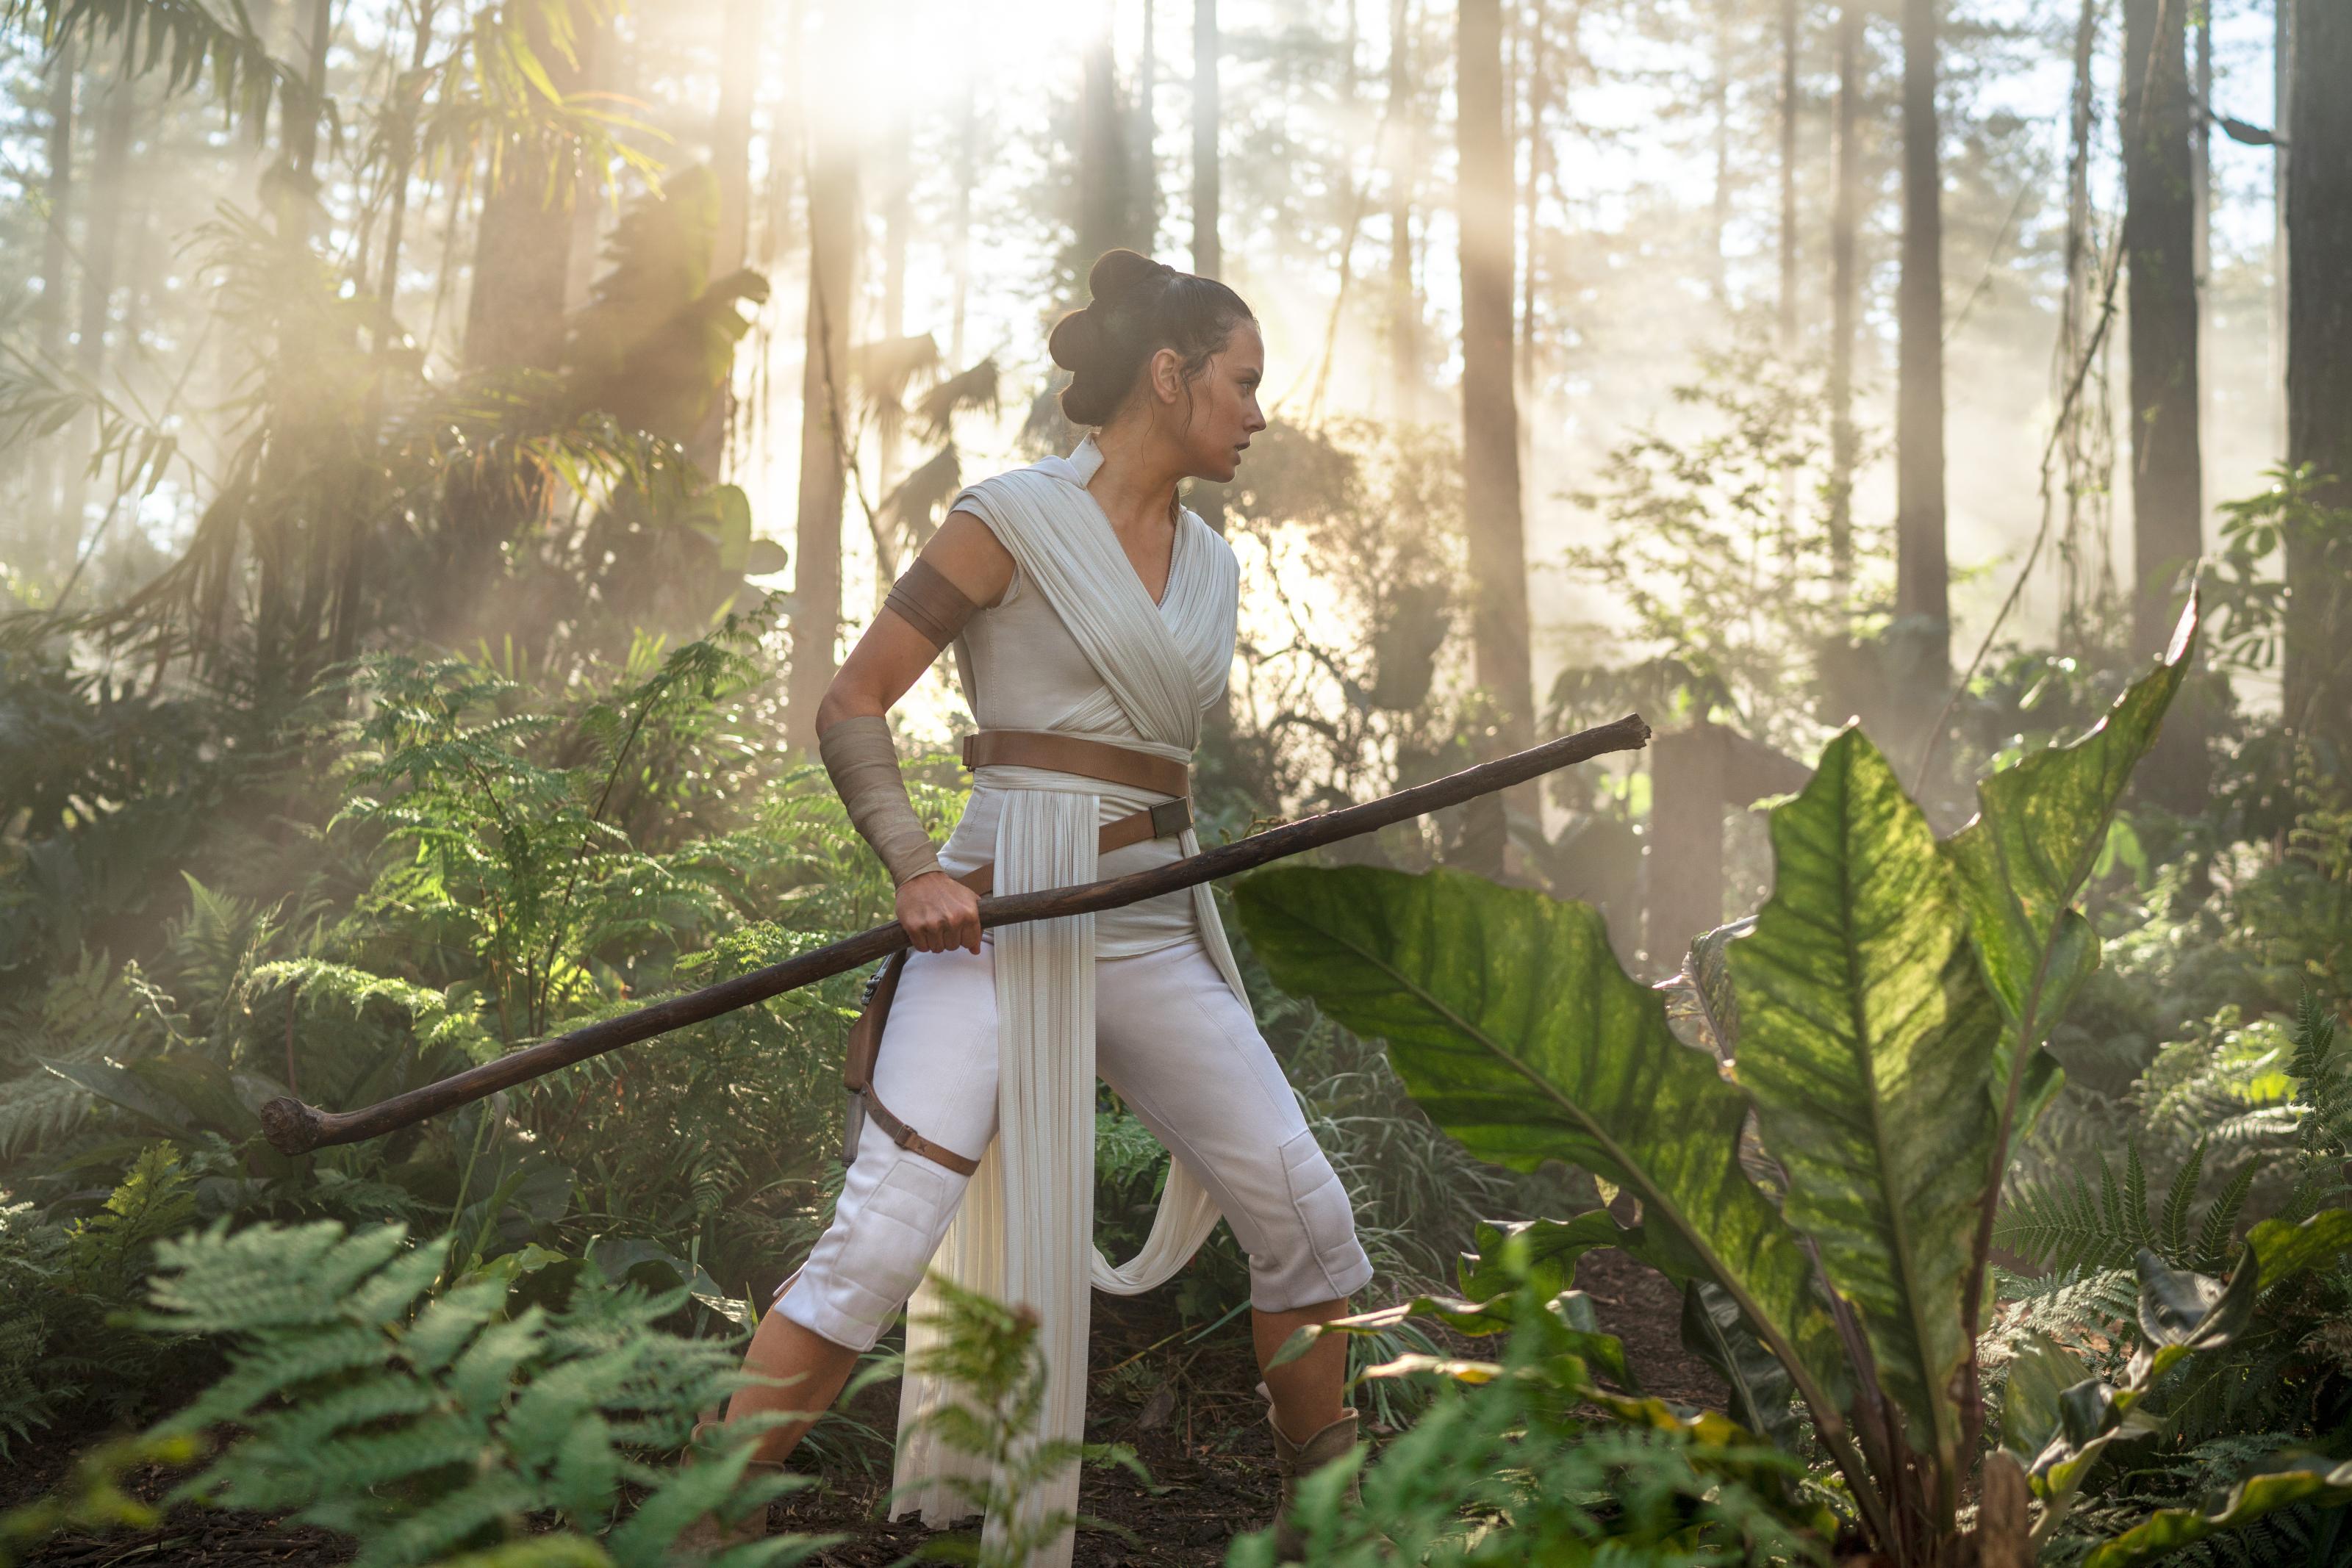 Wild Rumor Has It That Disney Will Erase The Star Wars Sequel Trilogy